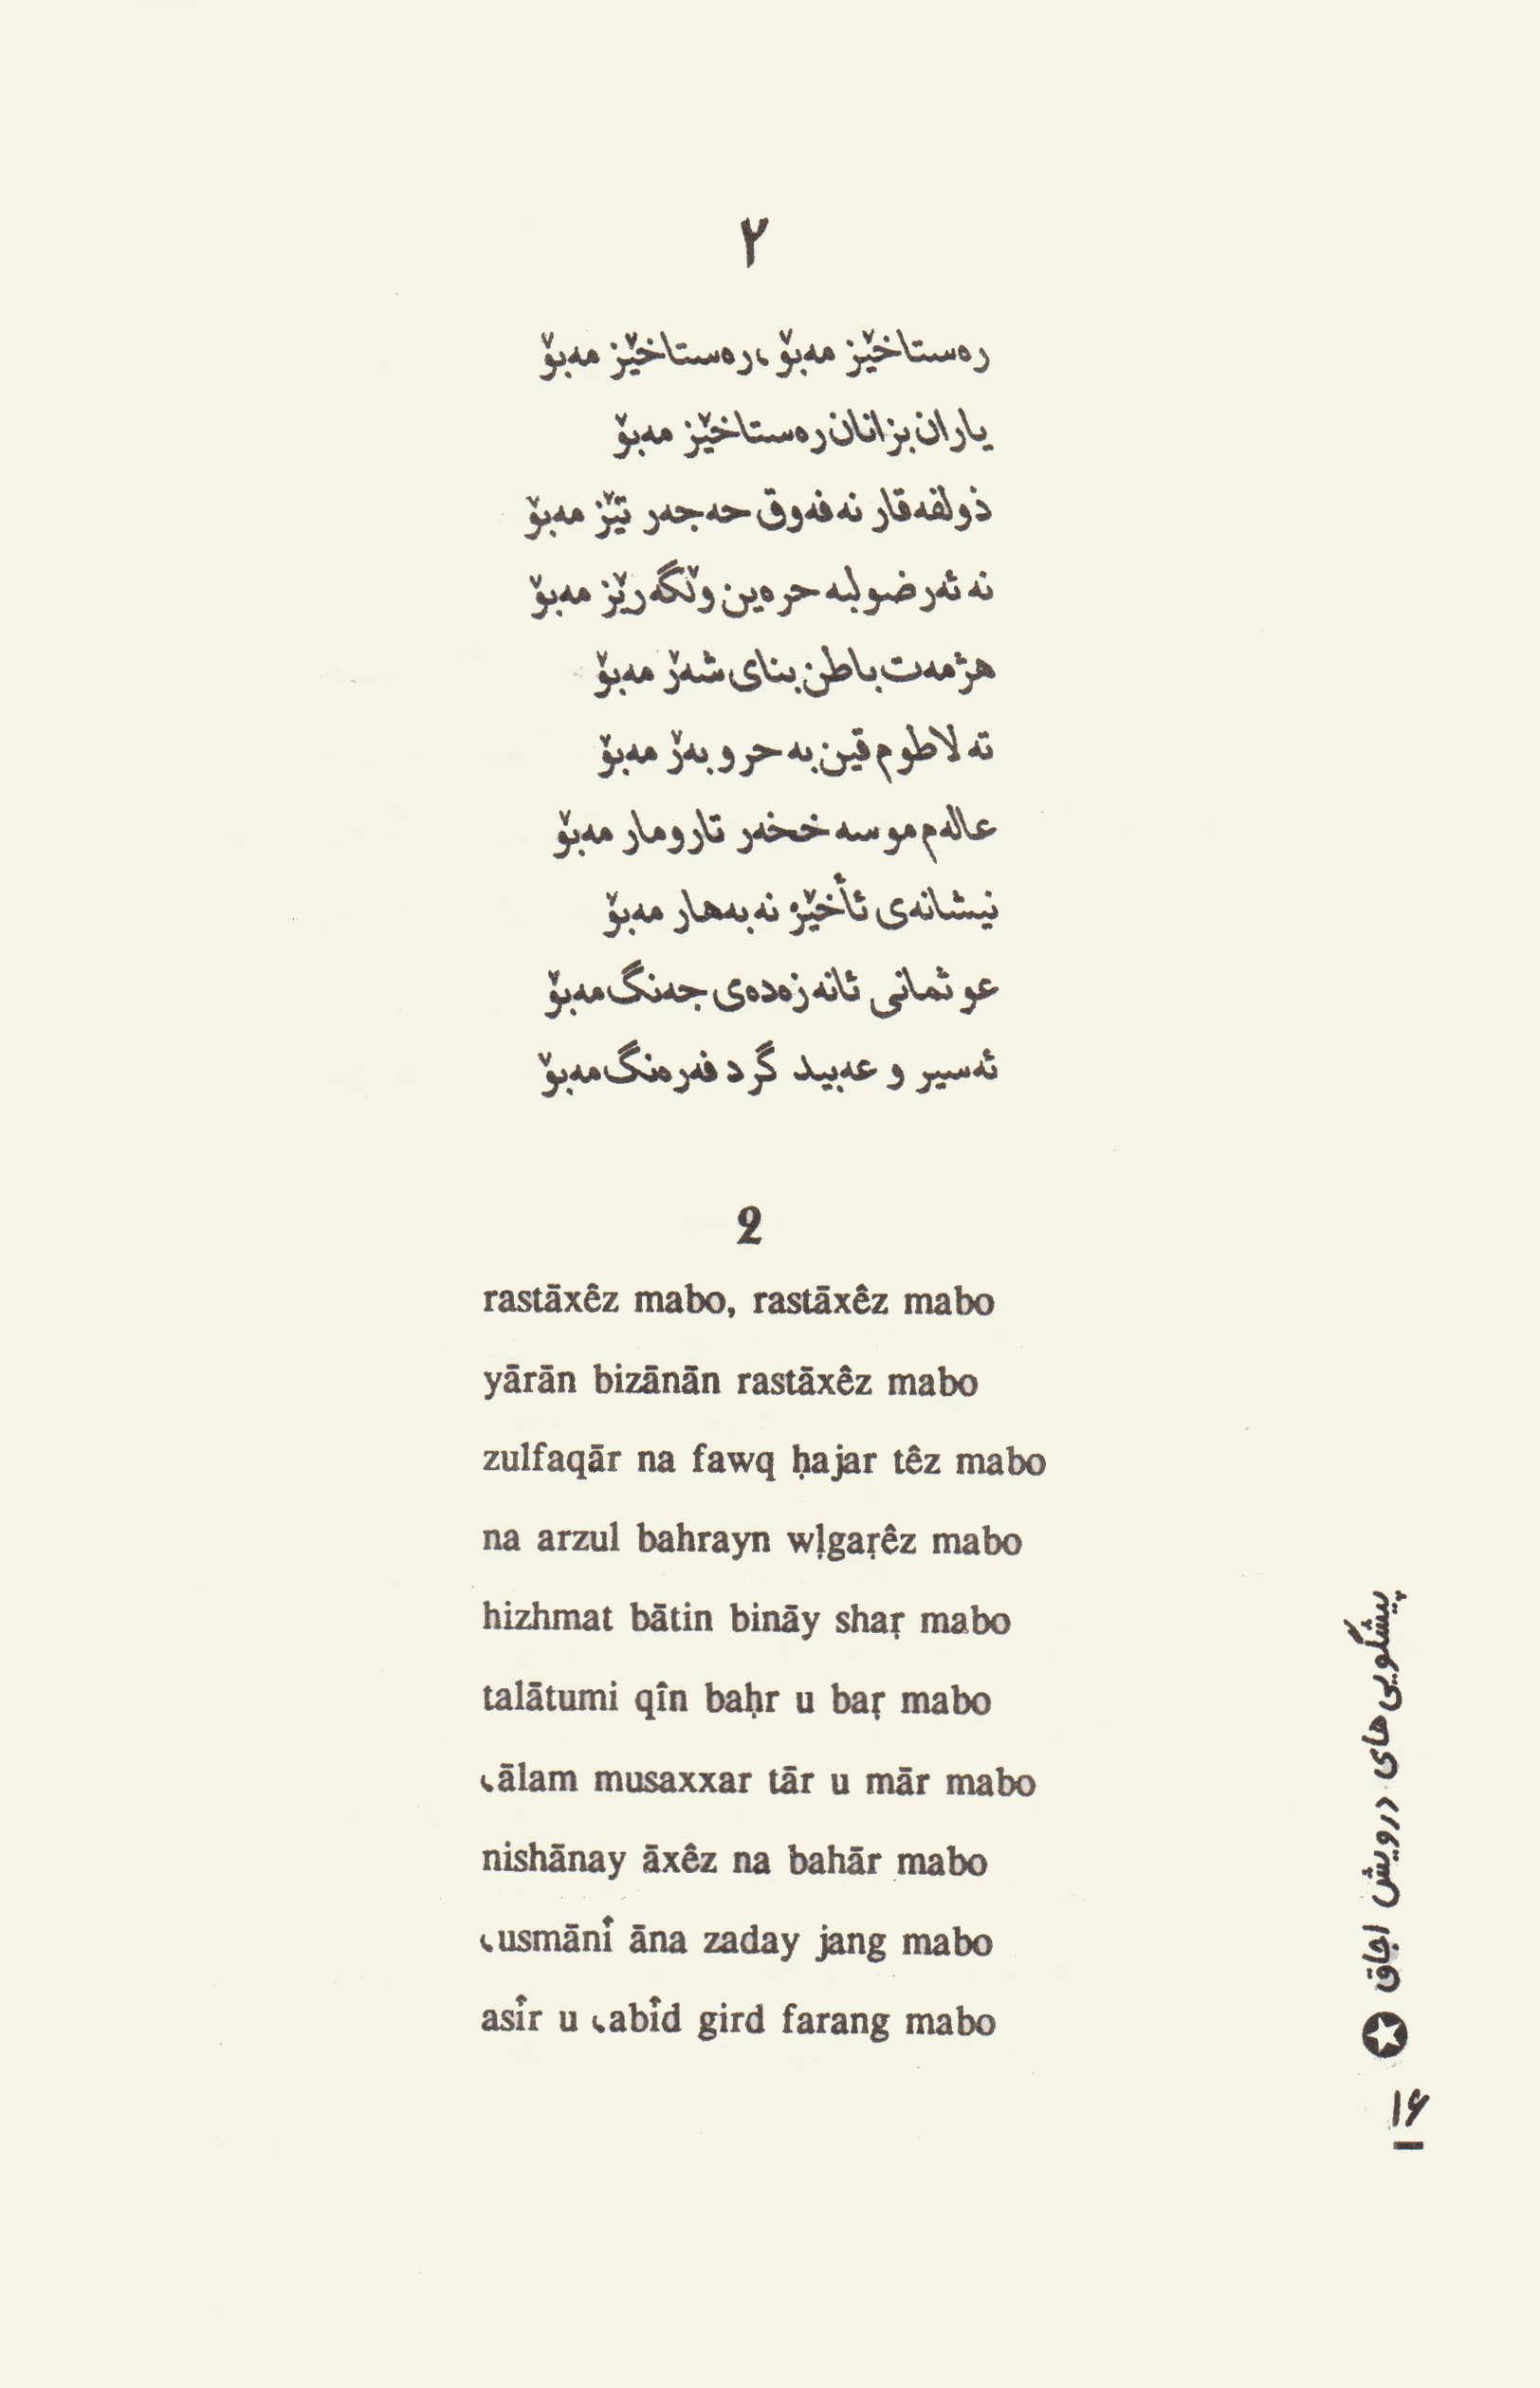 پیشگویی های درویش اجاق (شاه خوشین لرستانی)